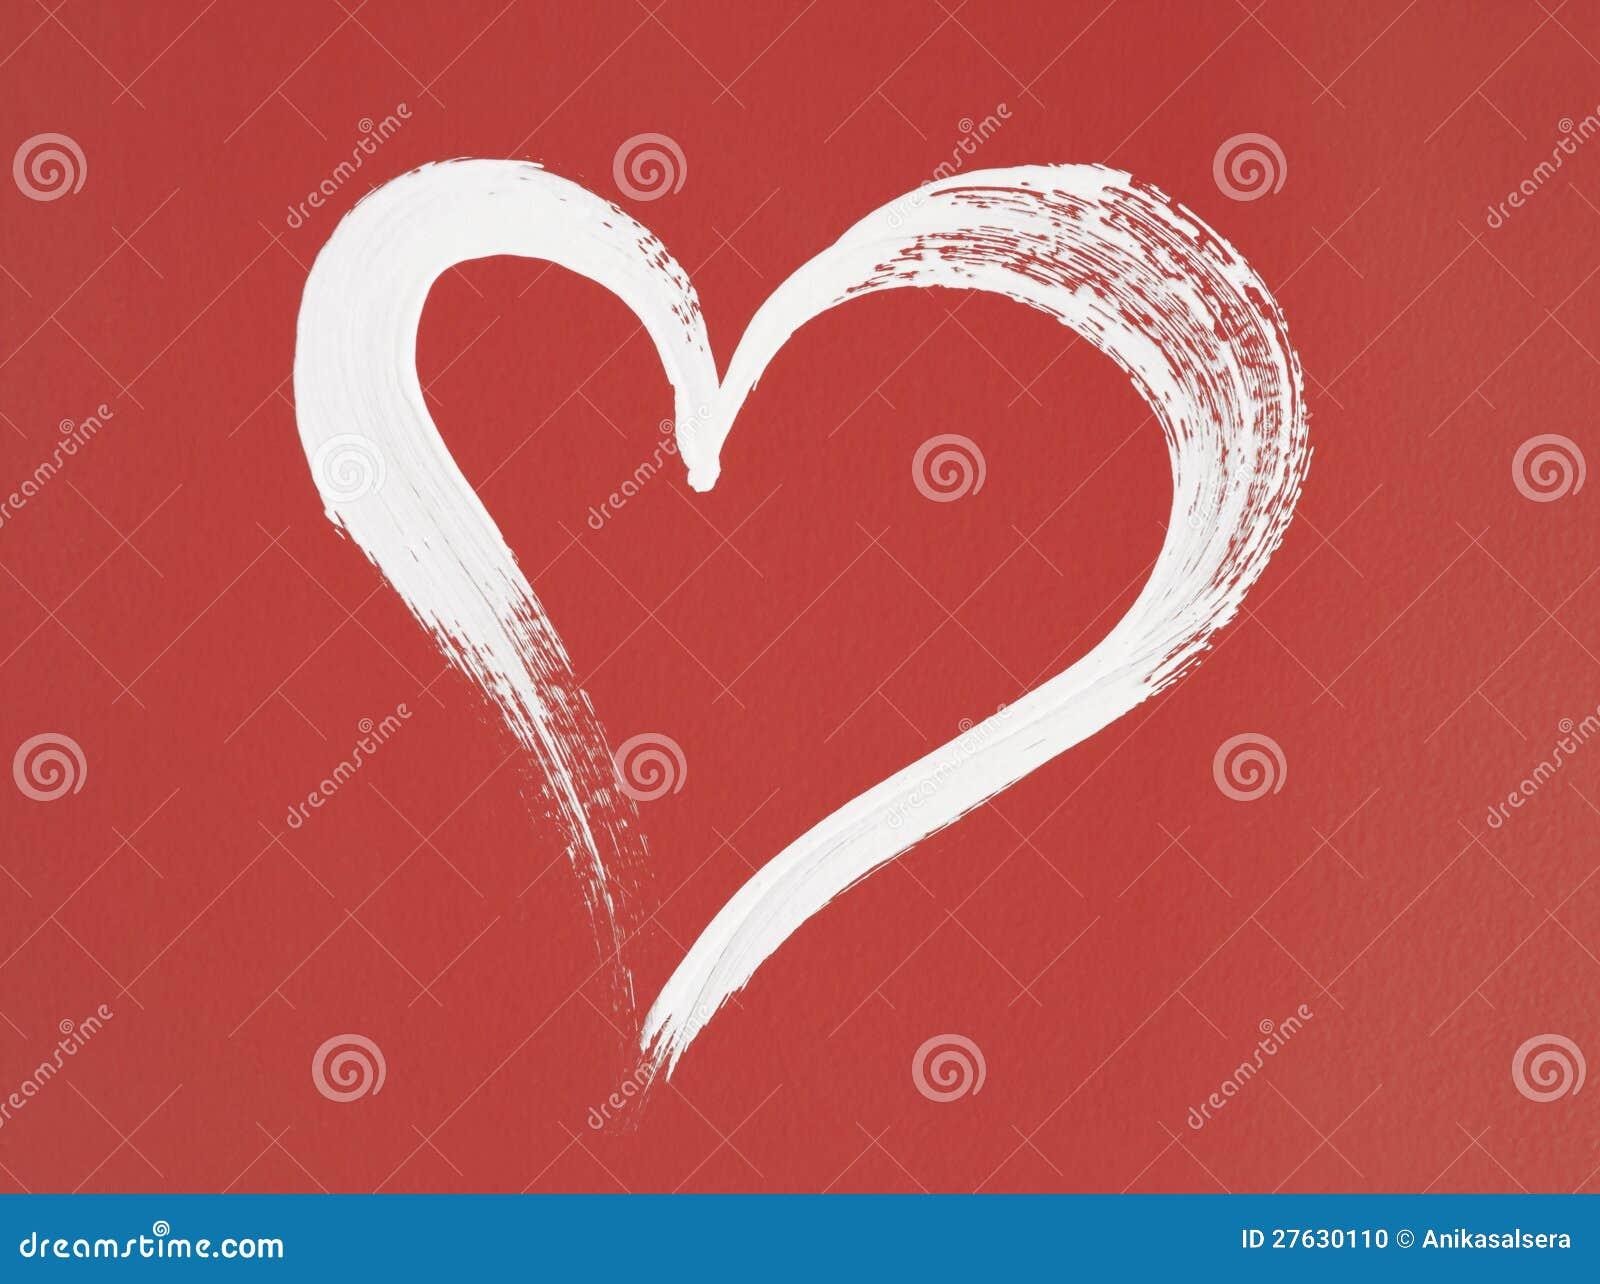 Puntero De Ubicación Con Un Corazón: Cuore Bianco Dipinto Su Fondo Rosso Fotografia Stock